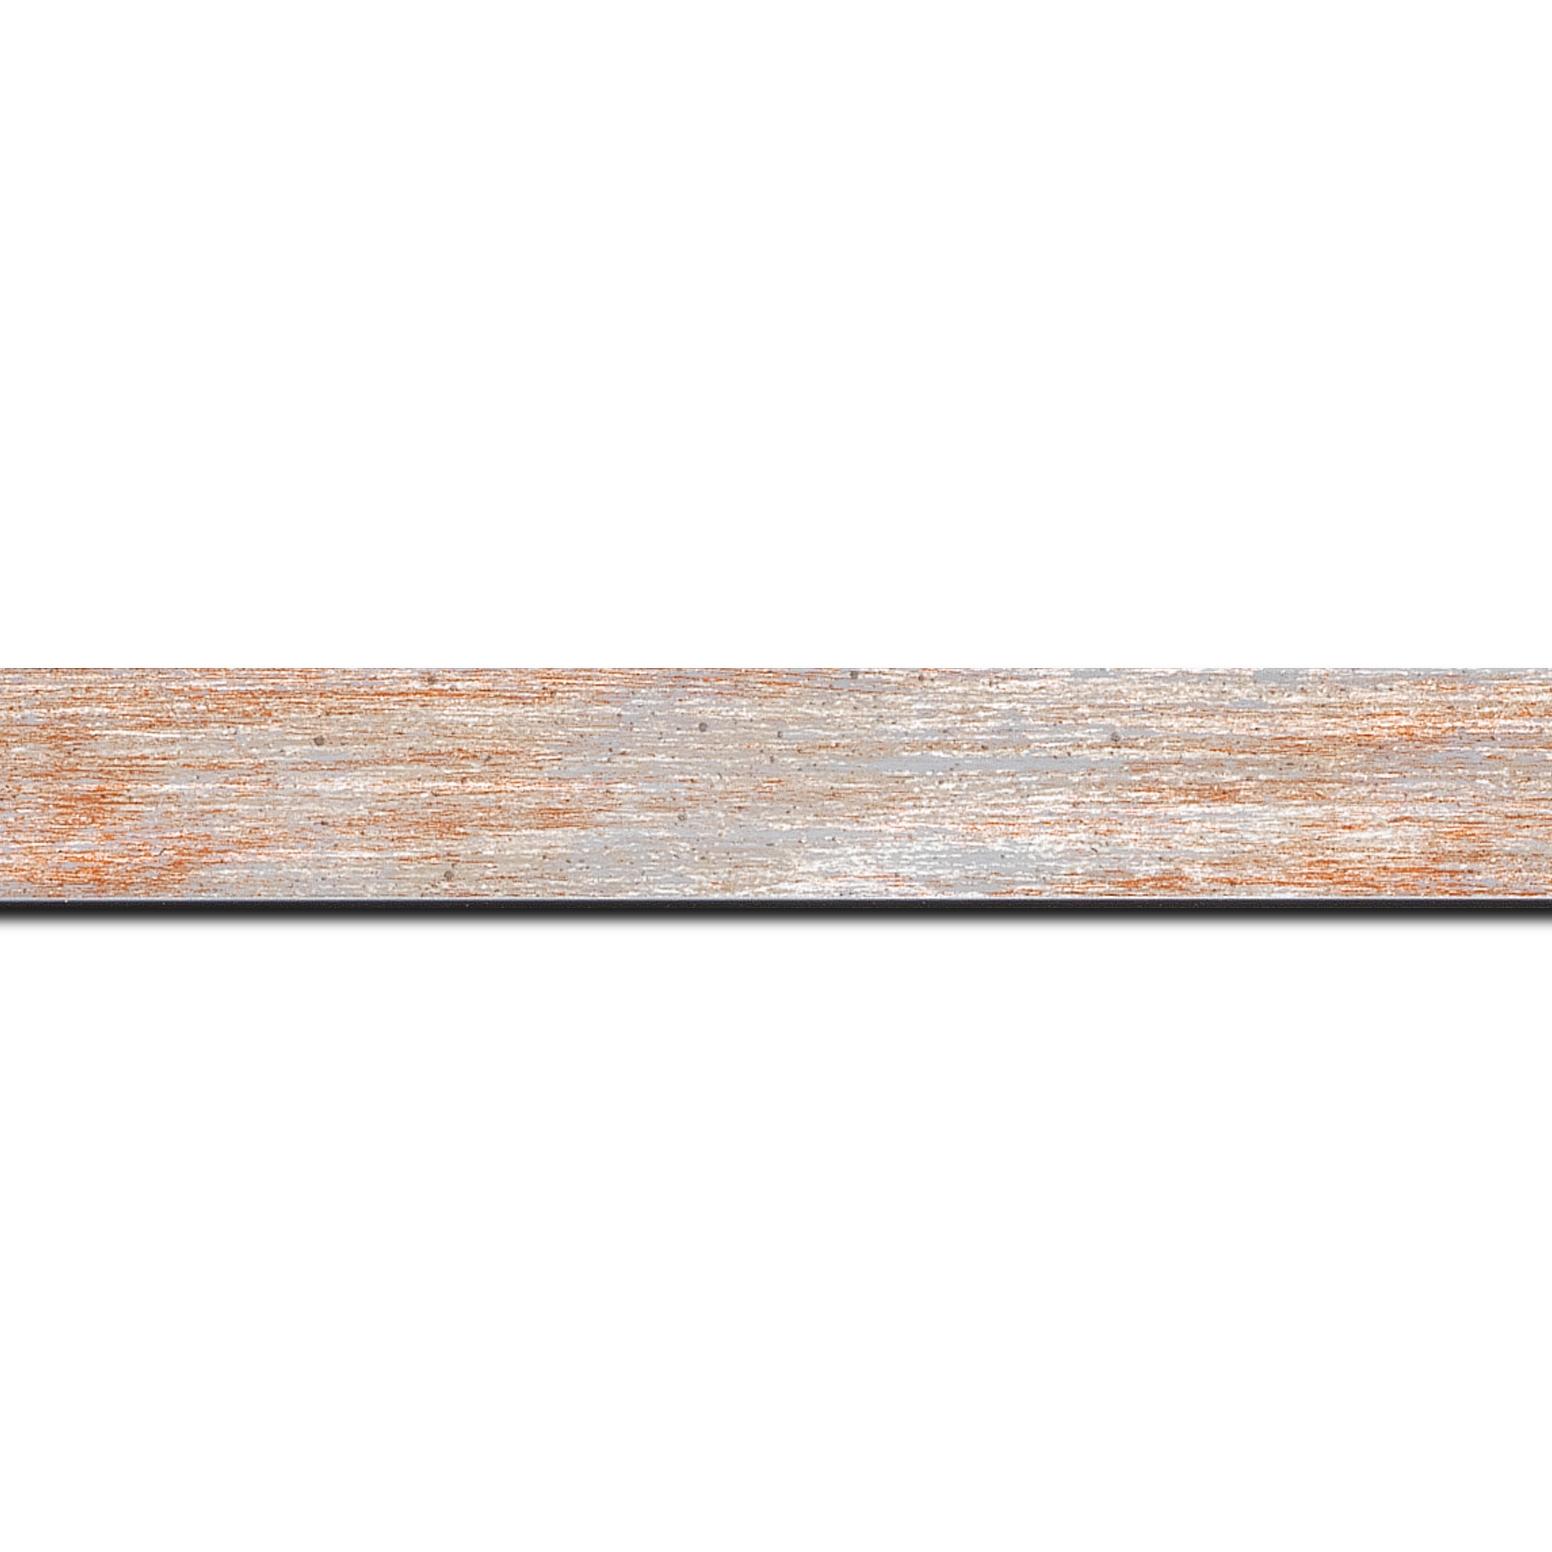 Baguette longueur 1.40m bois profil concave largeur 2.4cm de couleur rouge pale fond argent